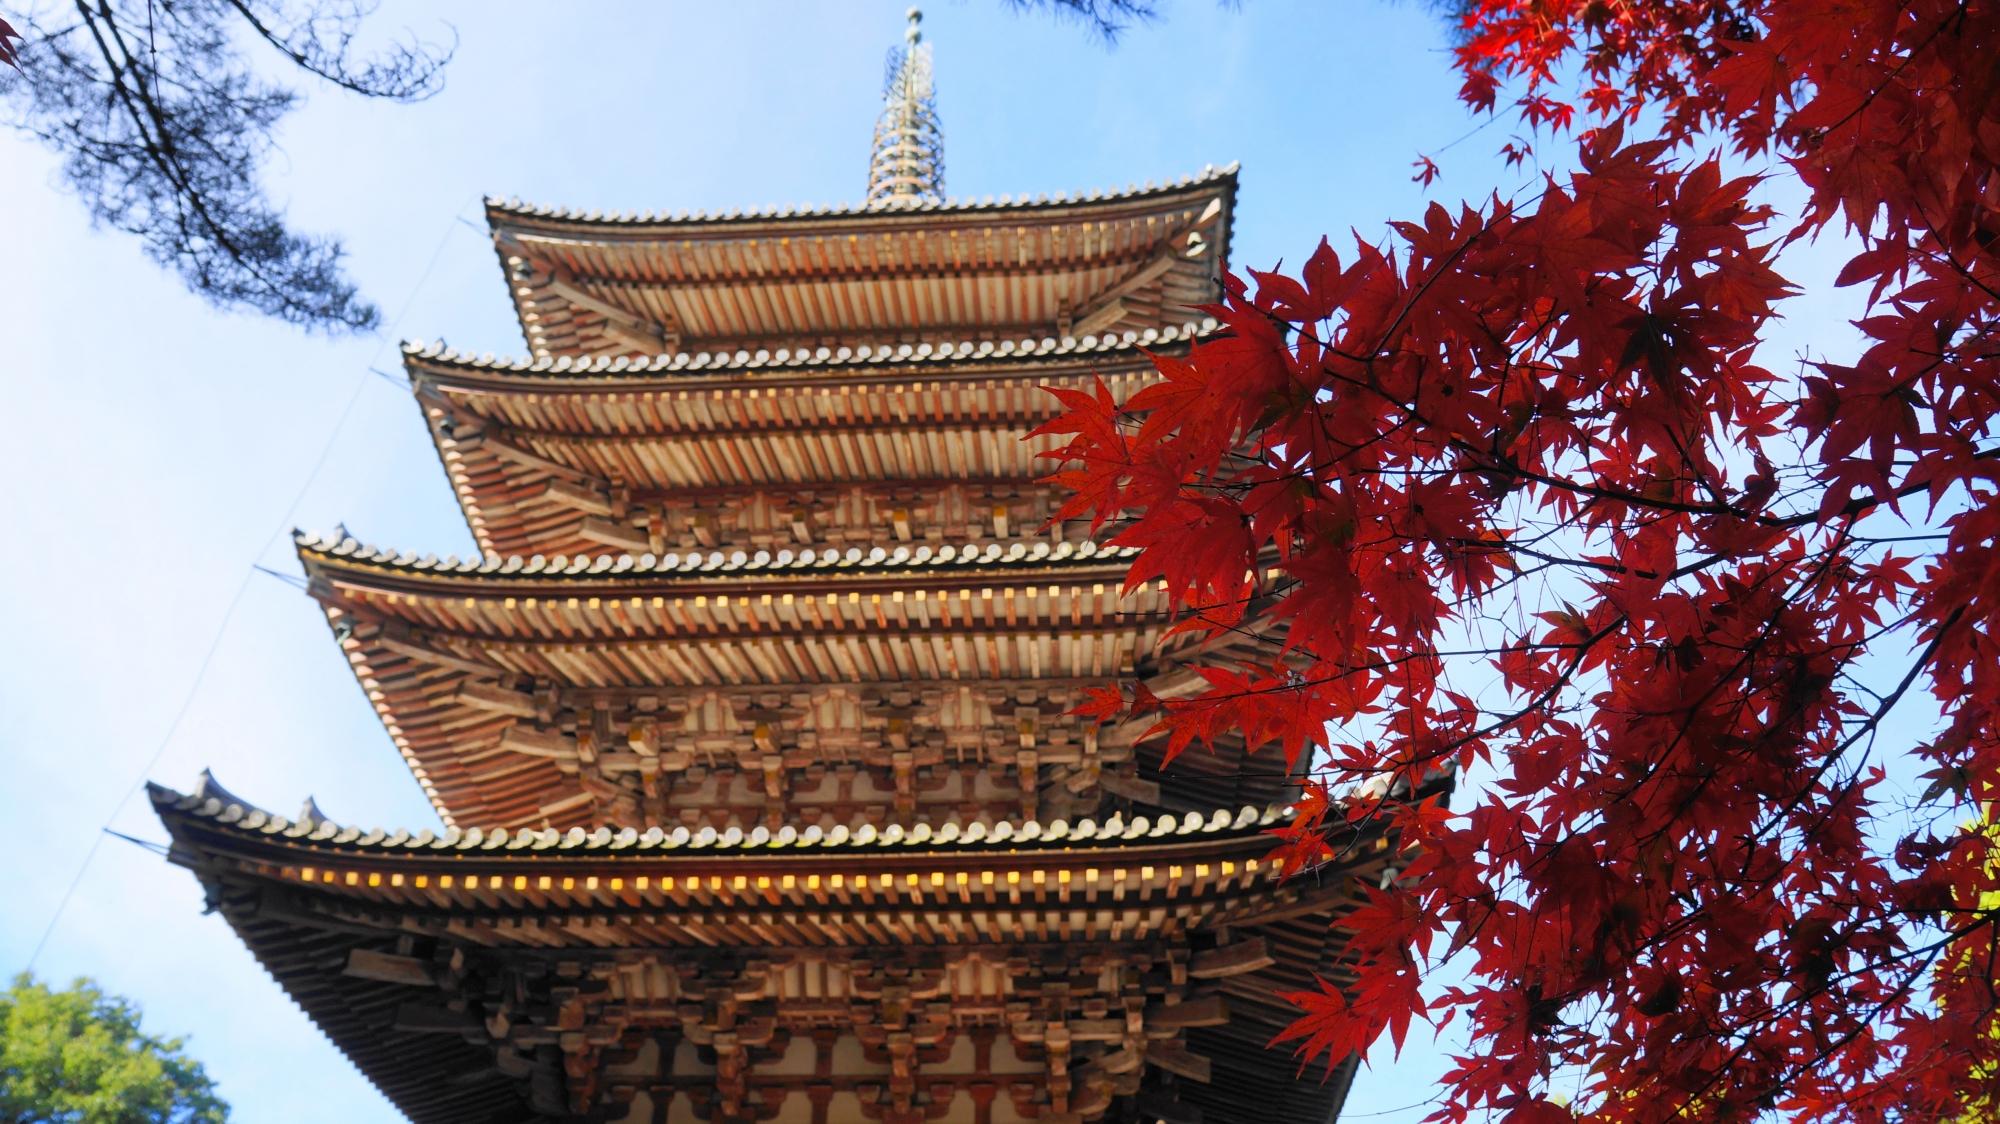 醍醐寺の五重塔と紅葉の絵になる秋の情景